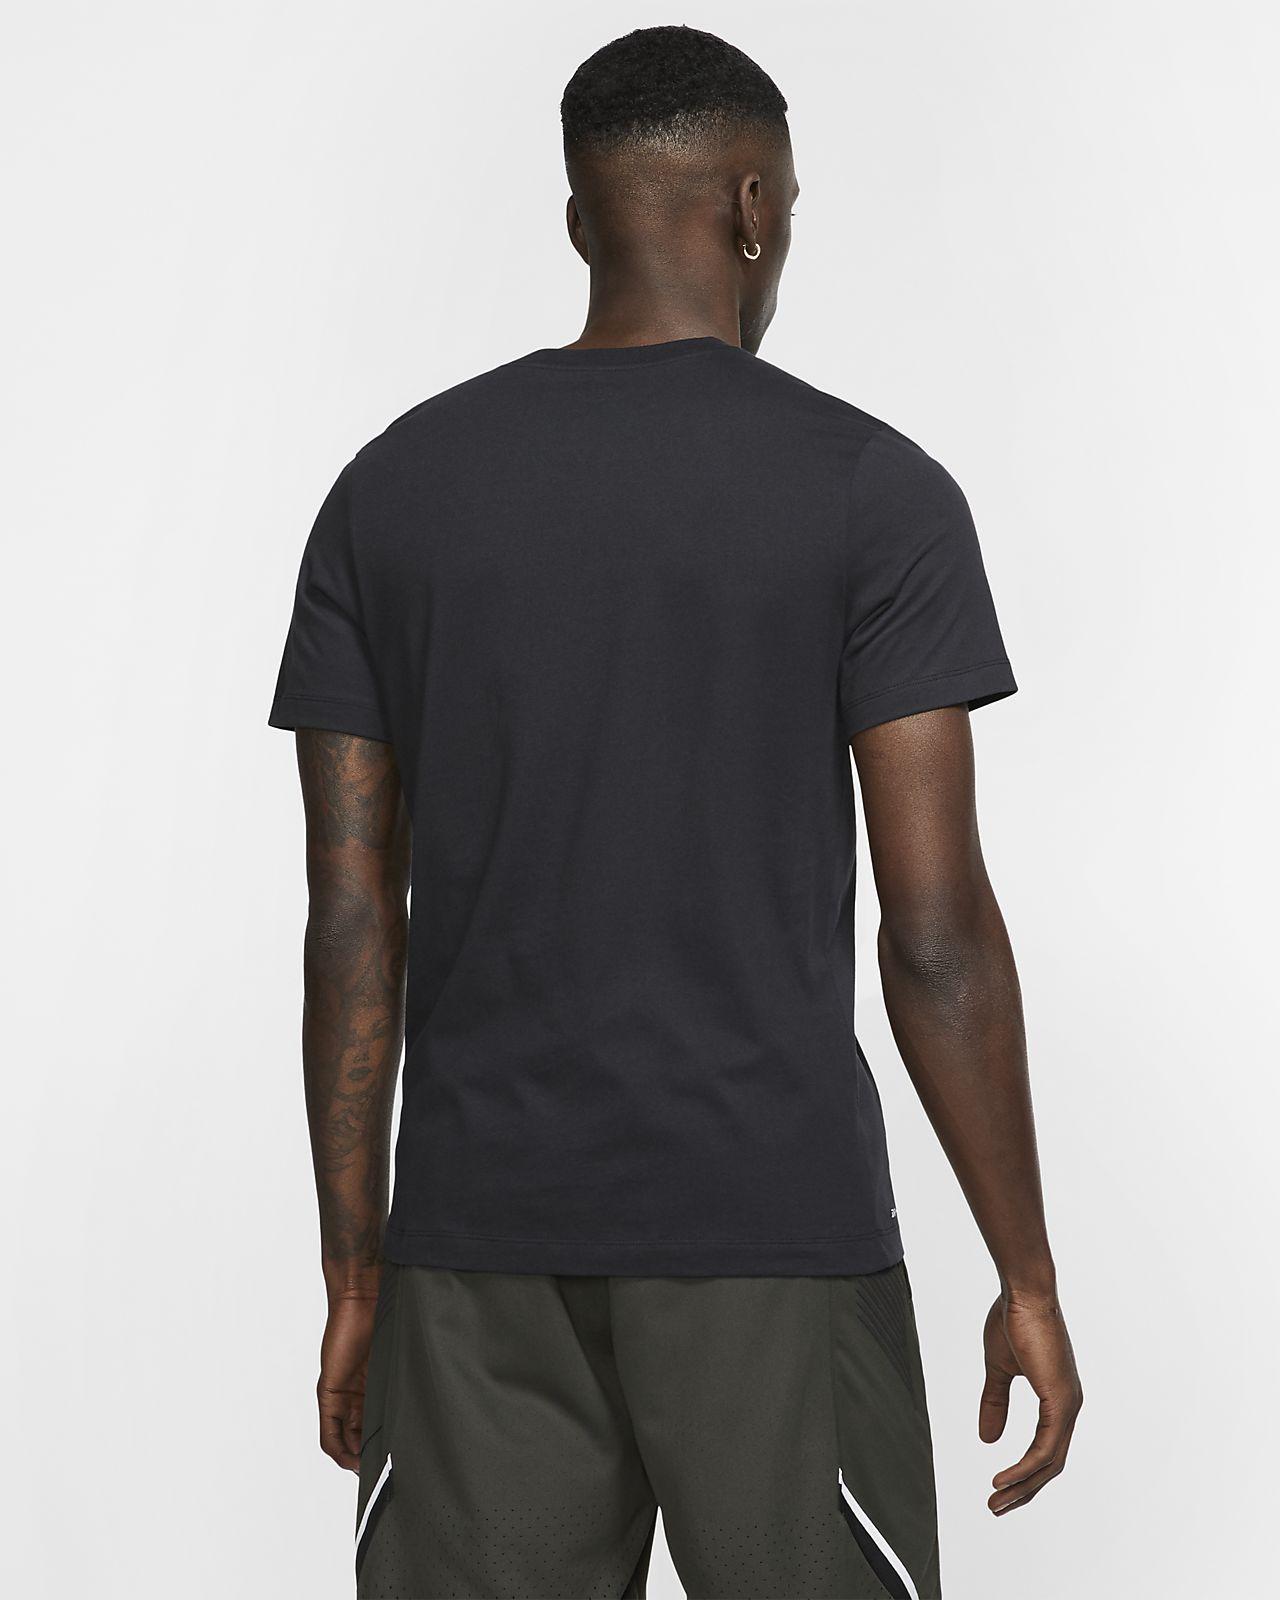 57bd98f2ba Nike Dri-FIT férfi kosárlabdás póló. Nike.com HU